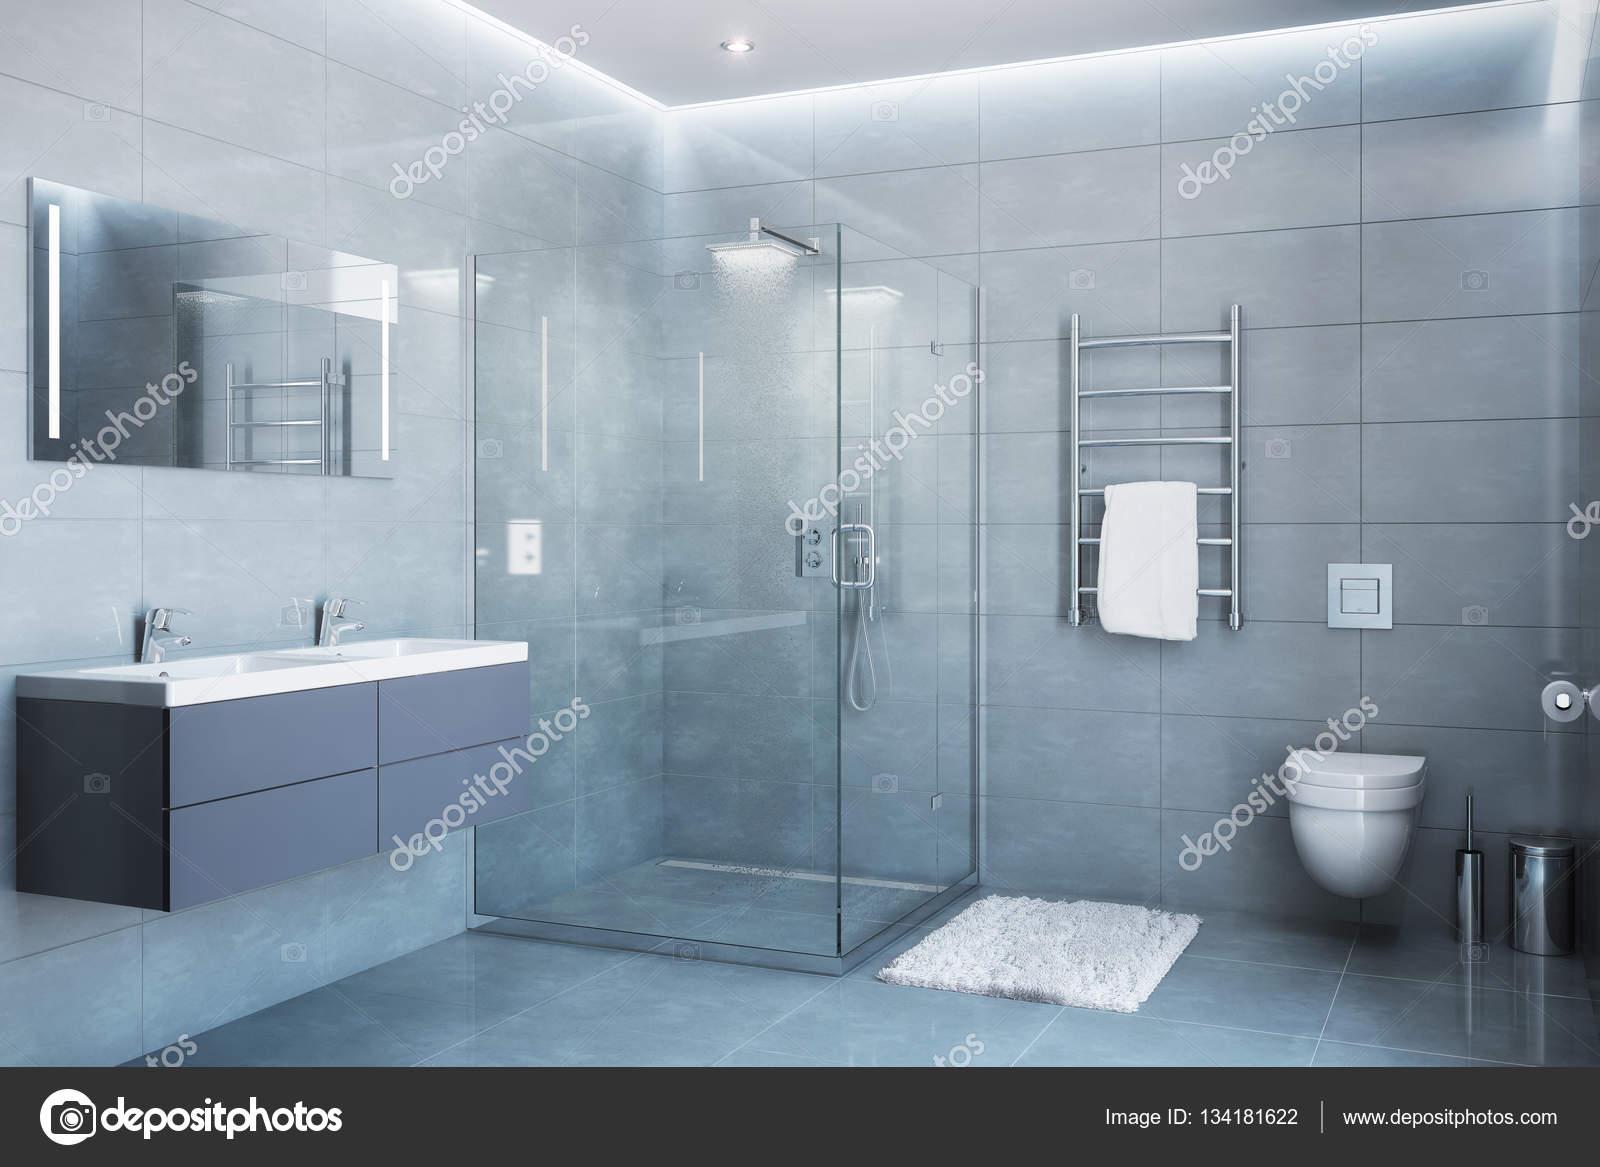 bagno con doccia moderno grigio alla luce del giorno ? foto stock ... - Bagni Doccia Moderni